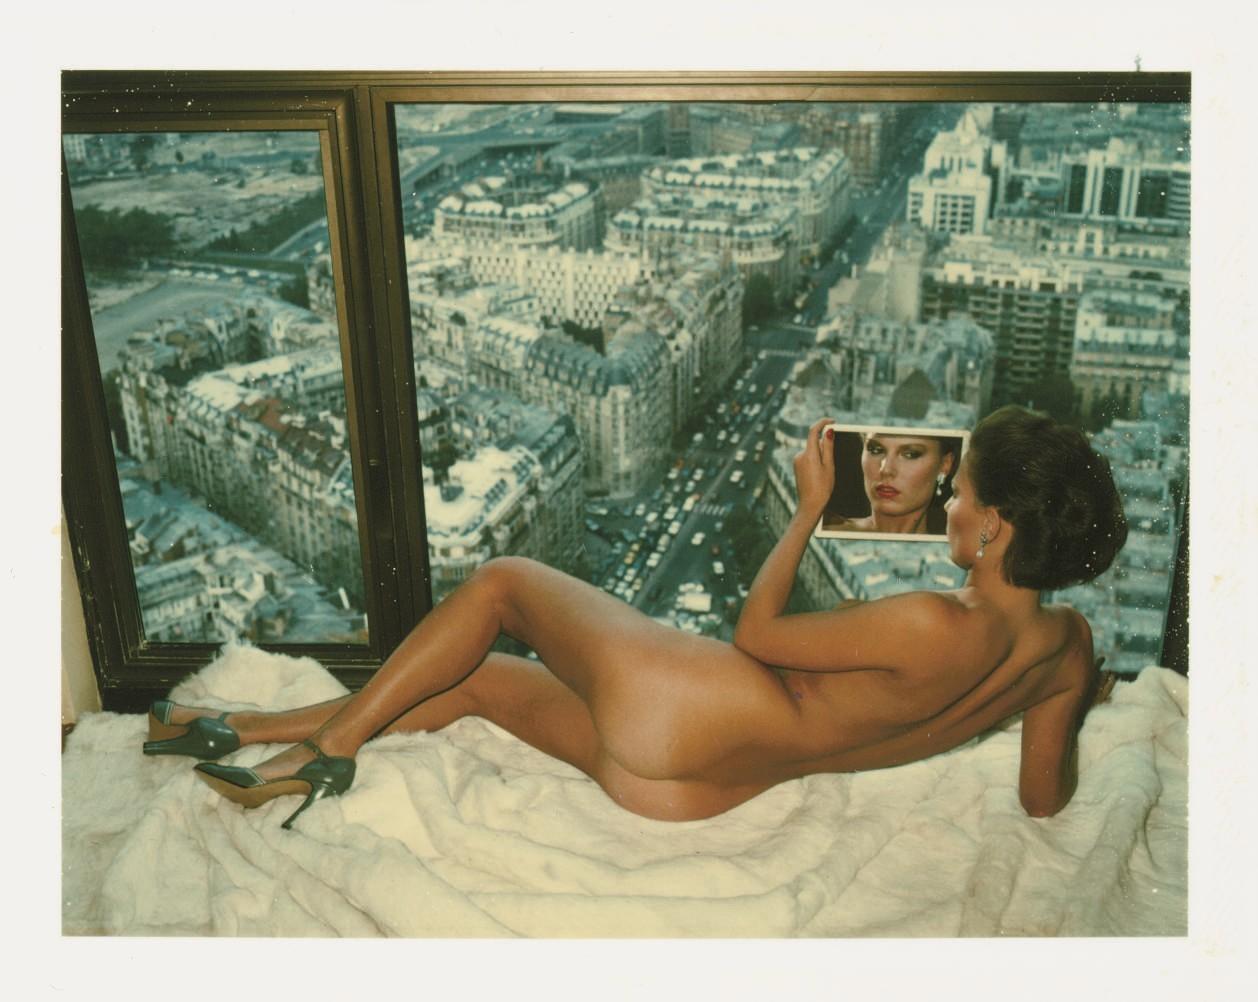 Бессонные ночи над Парижем, 1976. Модель Гунилла Бергстрём, фотограф Хельмут Ньютон